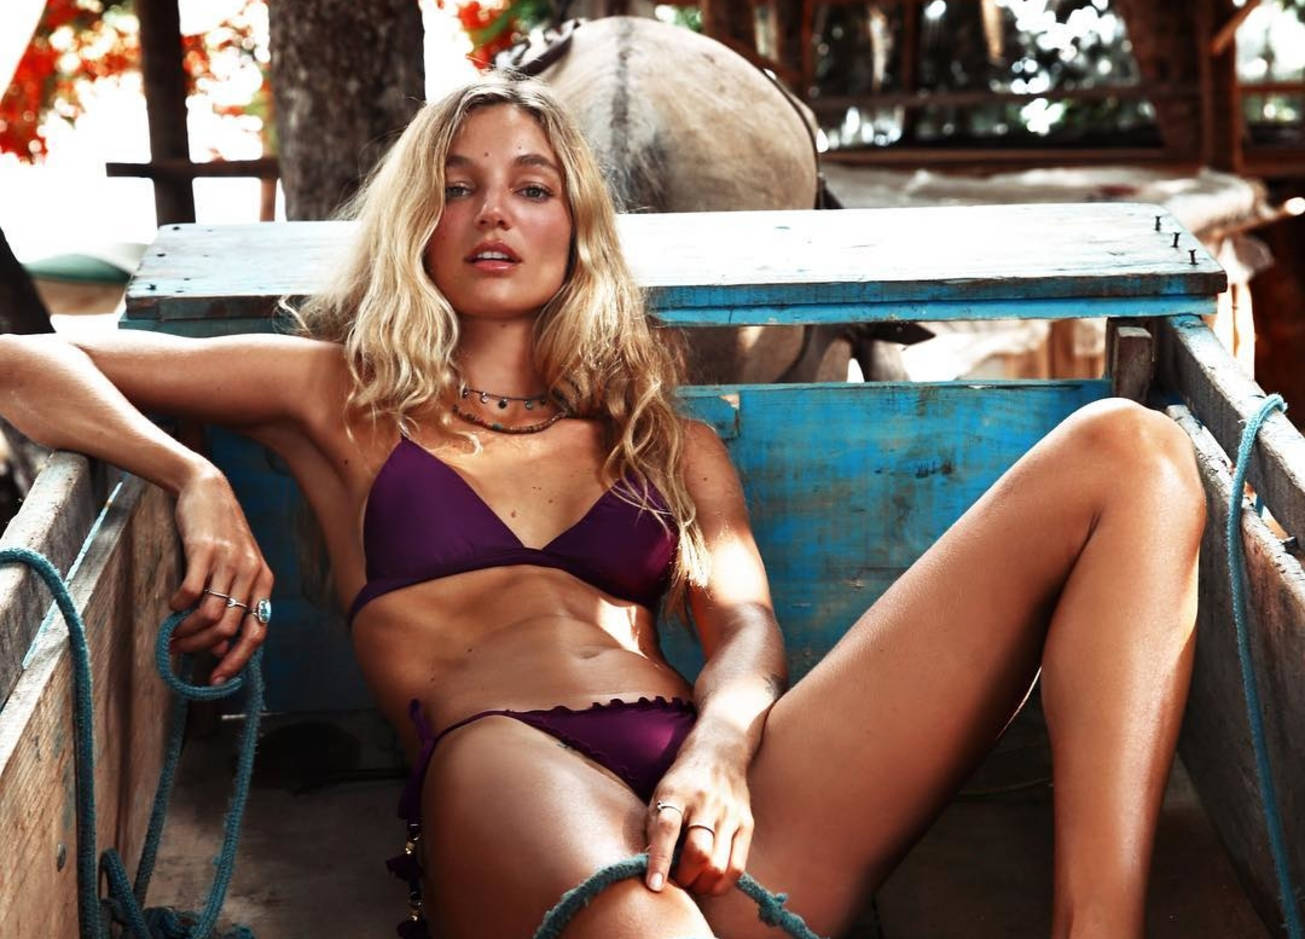 Красотка дня: бразильская модель-бесстыдница Присцила Учоа